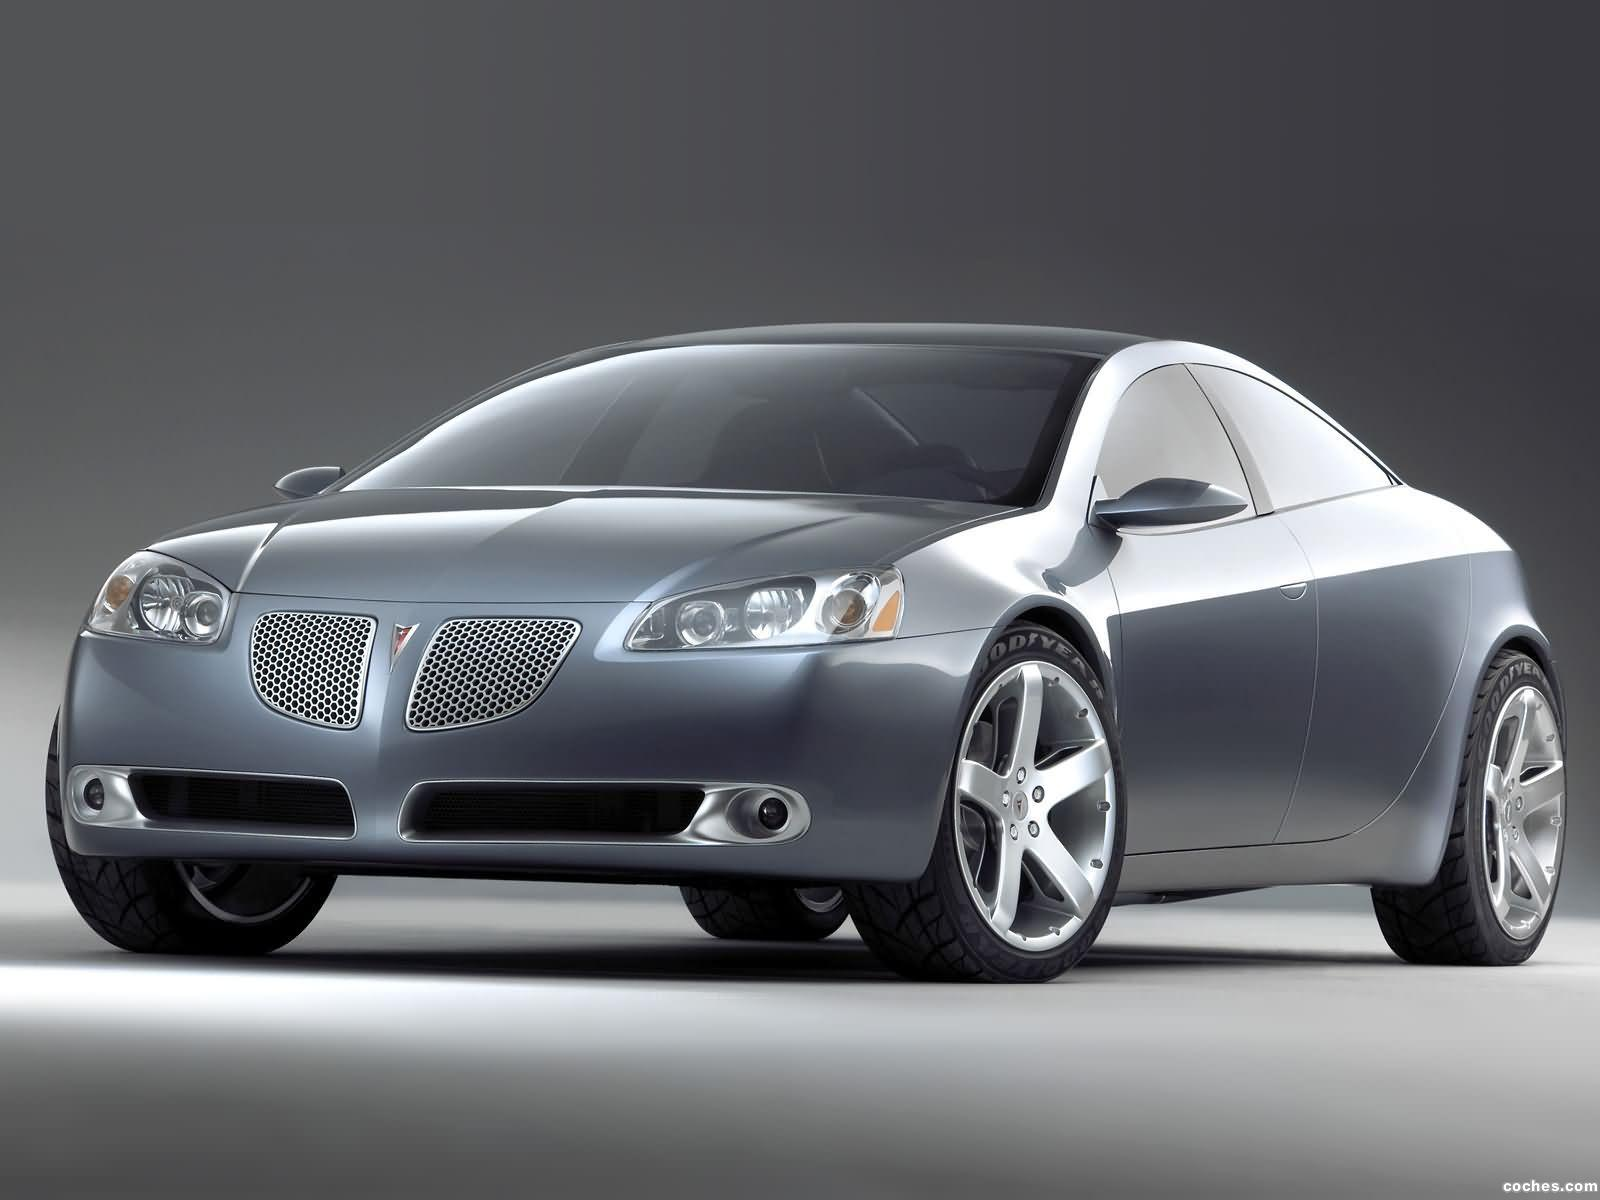 Foto 0 de Pontiac G6 Concept 2003